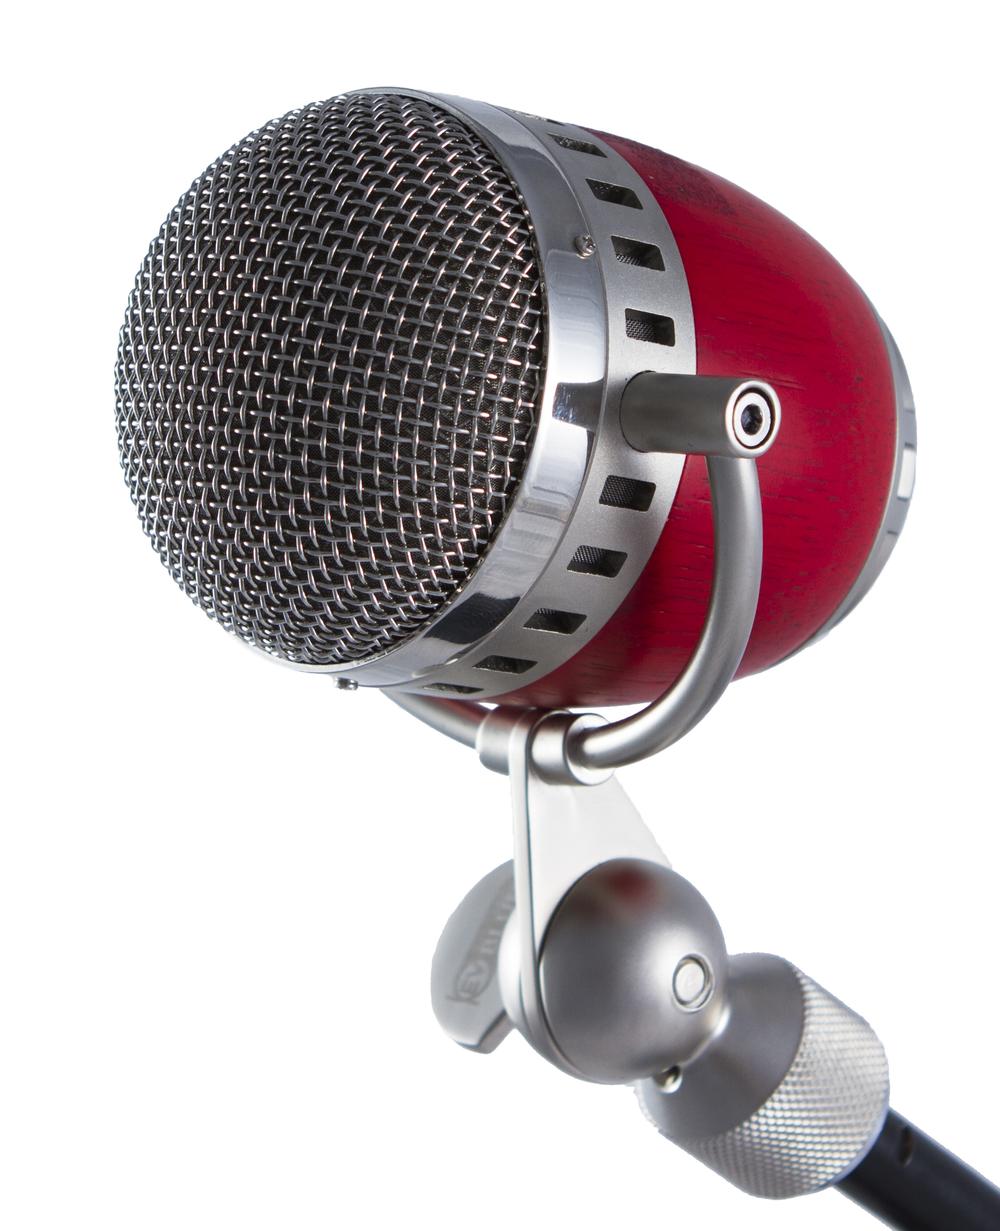 Electro Voice Cardinal - $15 day